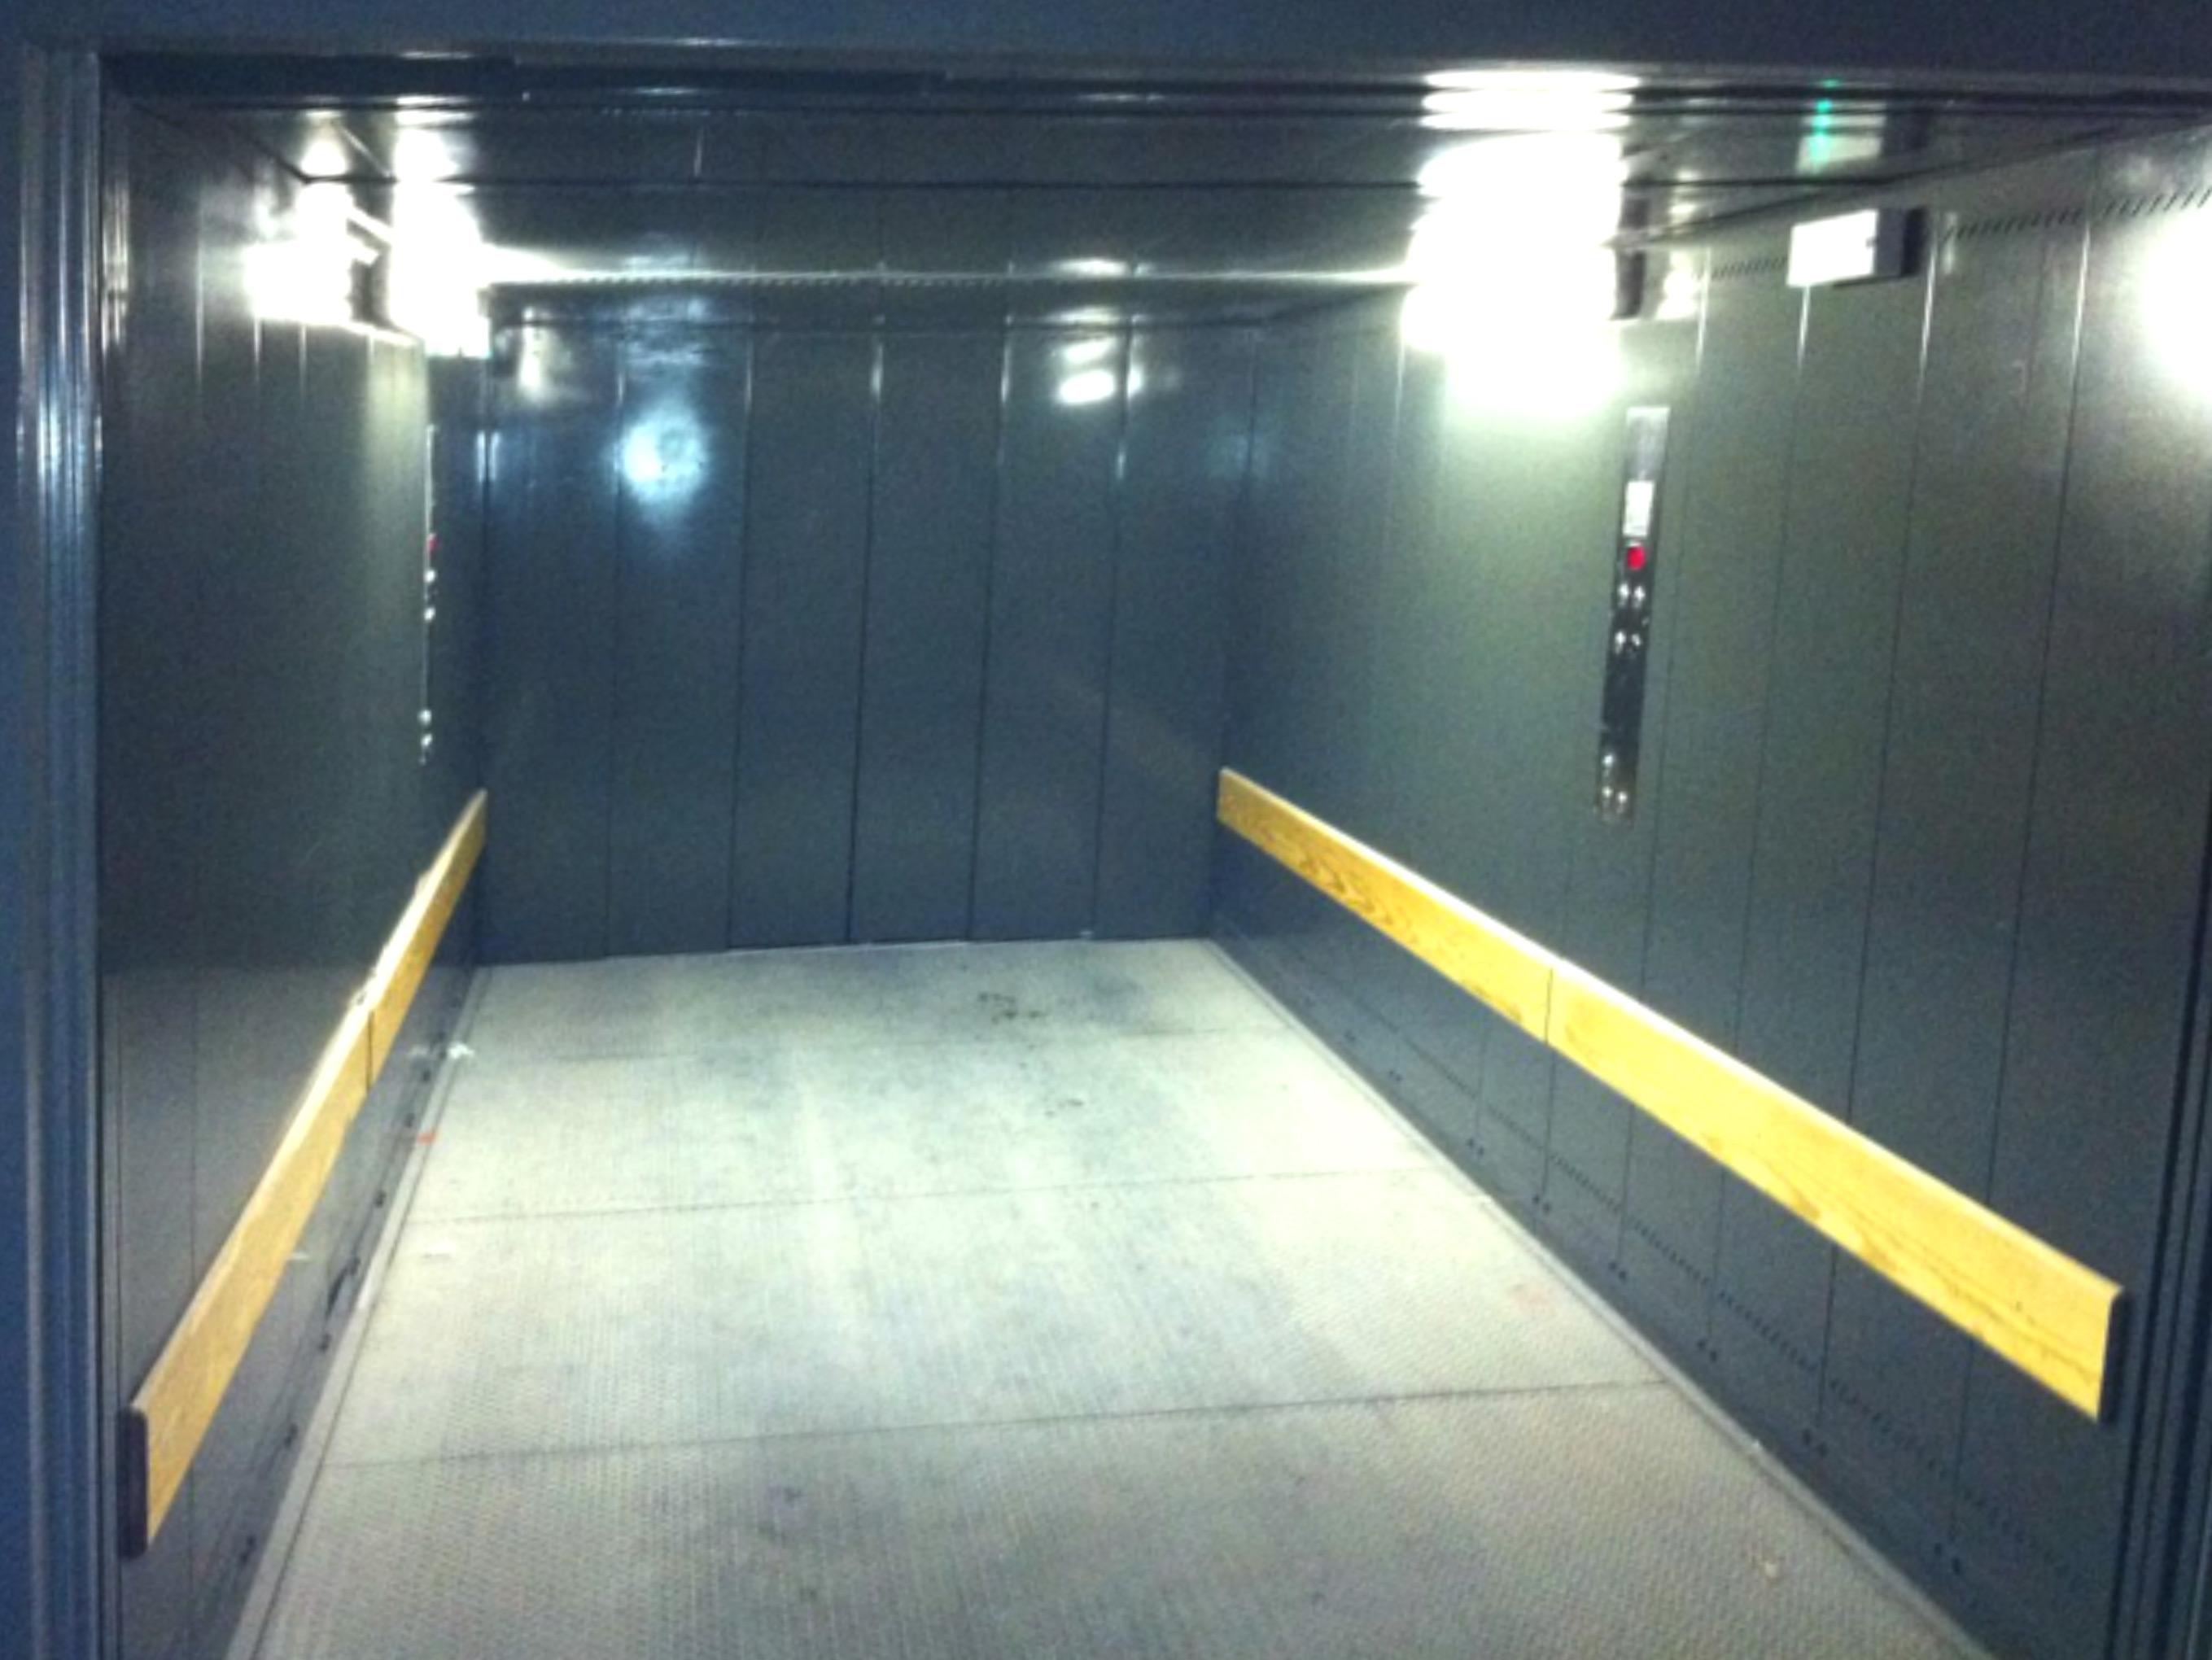 grands ascenseurs ciel ascenseurs. Black Bedroom Furniture Sets. Home Design Ideas